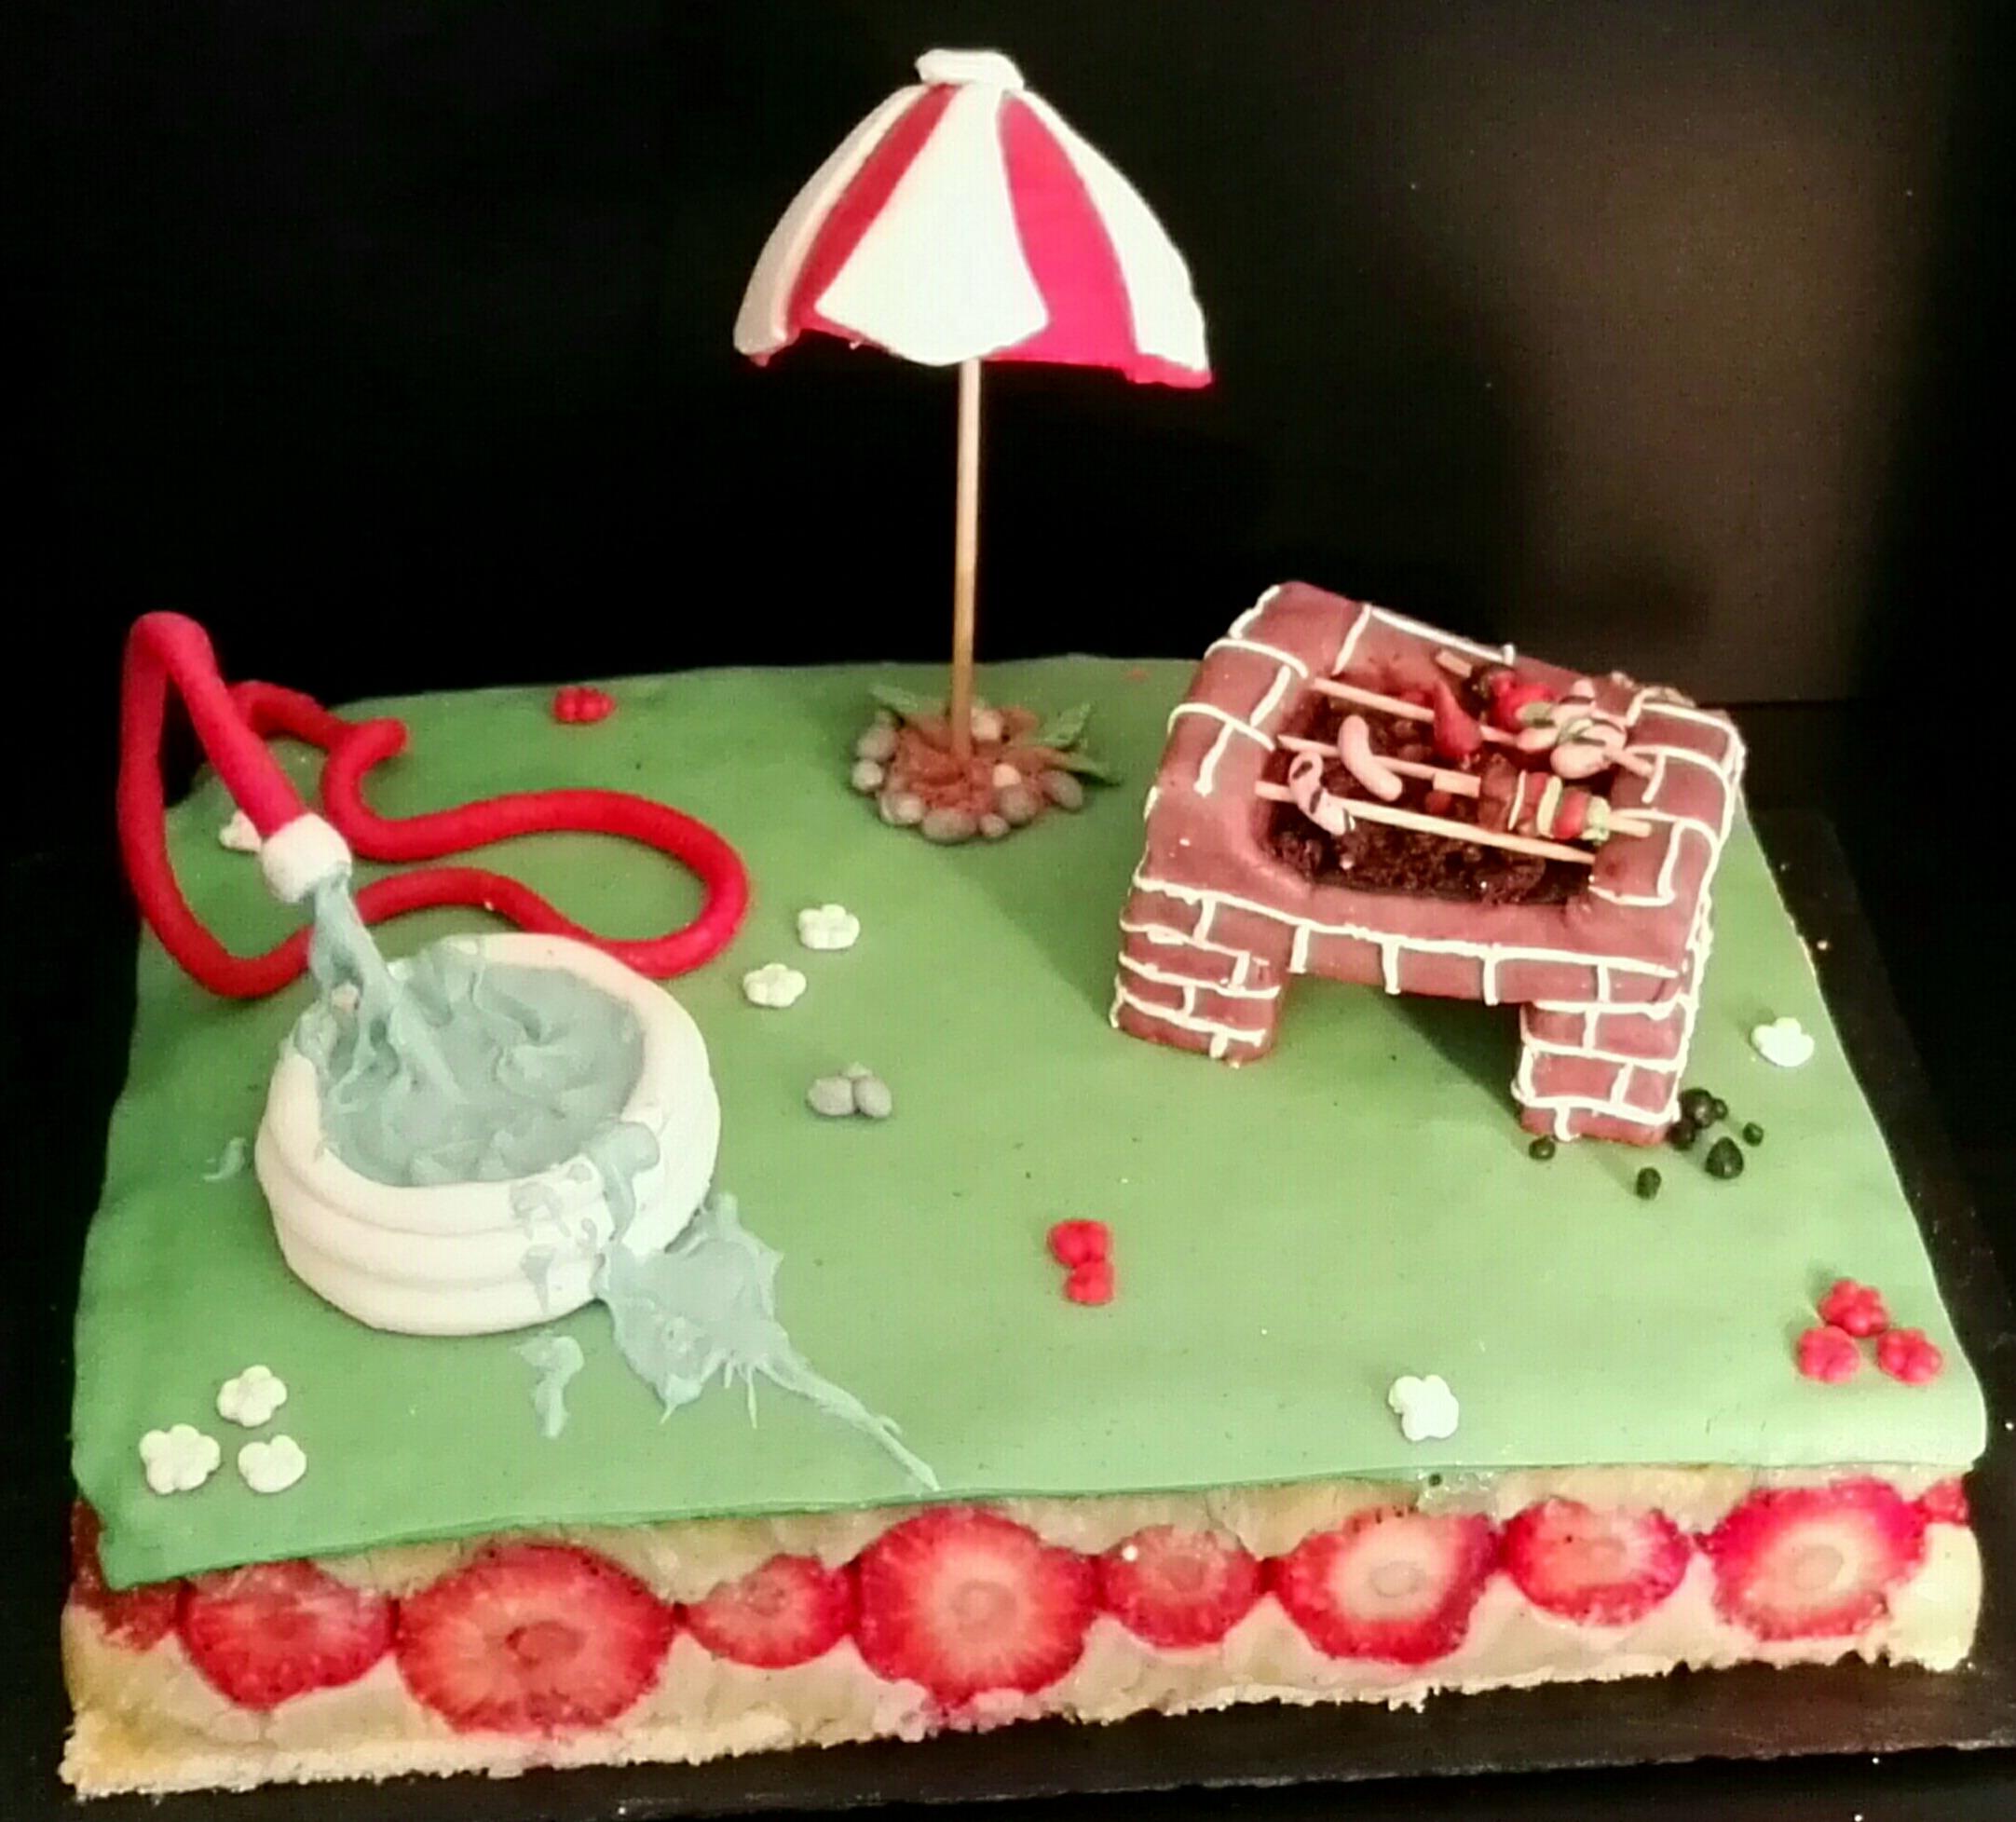 Fraisier creme pistache et gravity cake : piscine et barbecue sont deux vrais petits gateaux